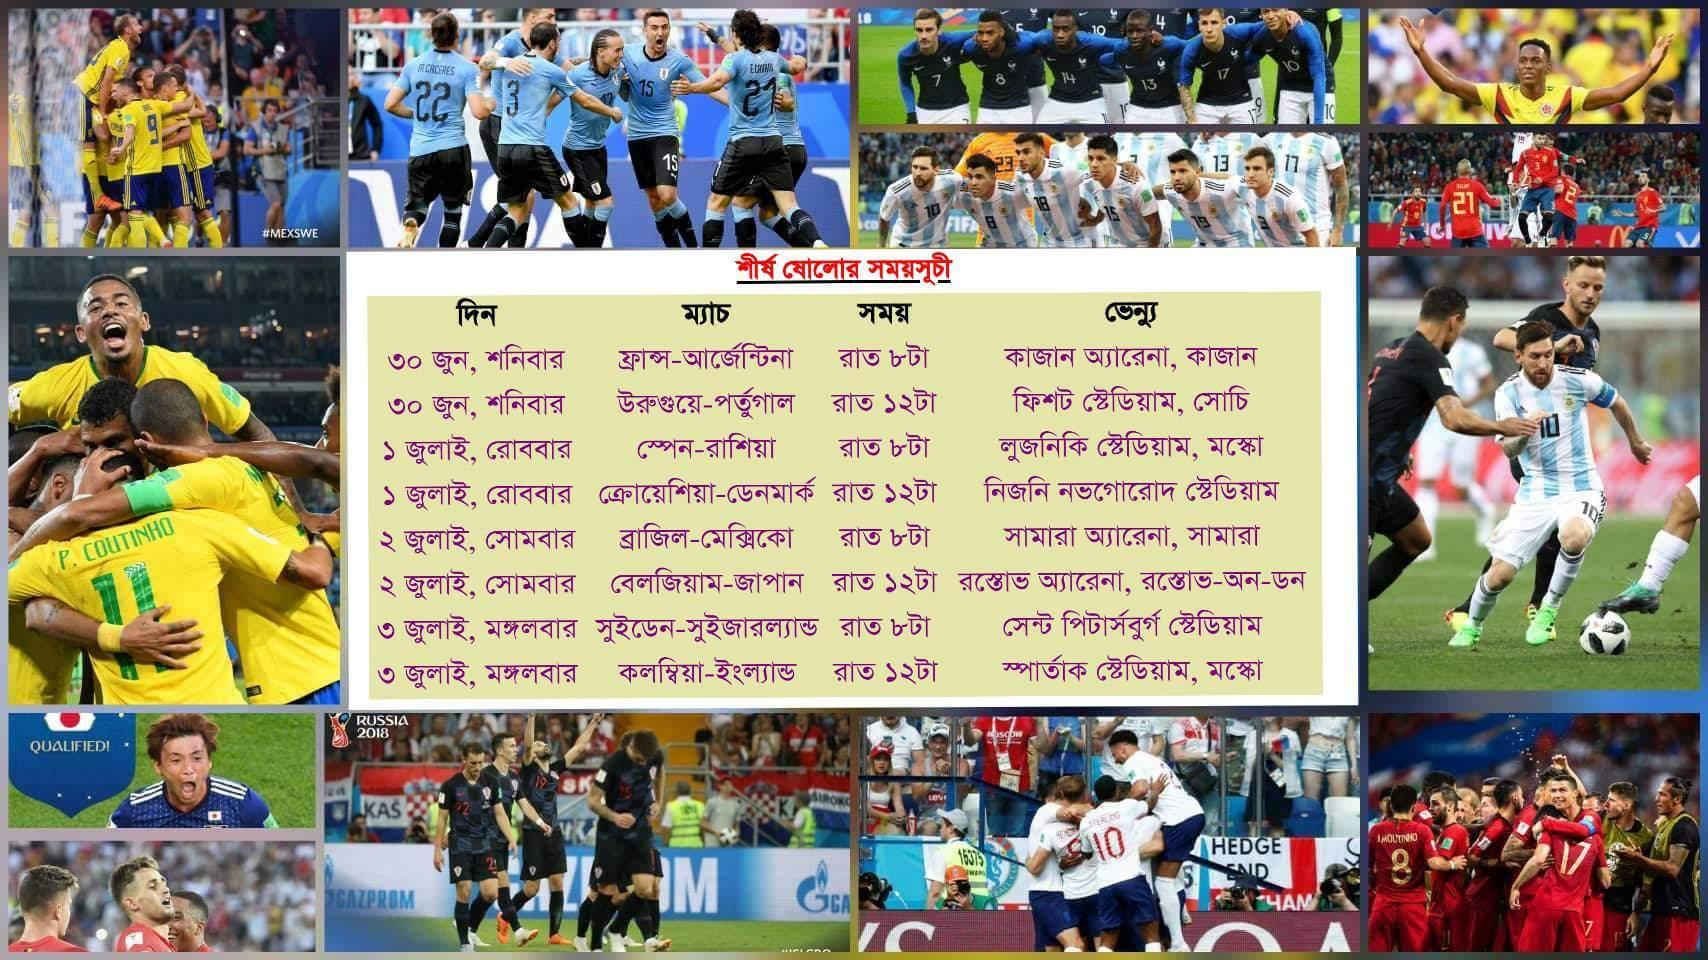 ঠিক হয়ে গেল রাশিয়ার বিশ্বকাপের দ্বিতীয় পর্বের ১৬ দল